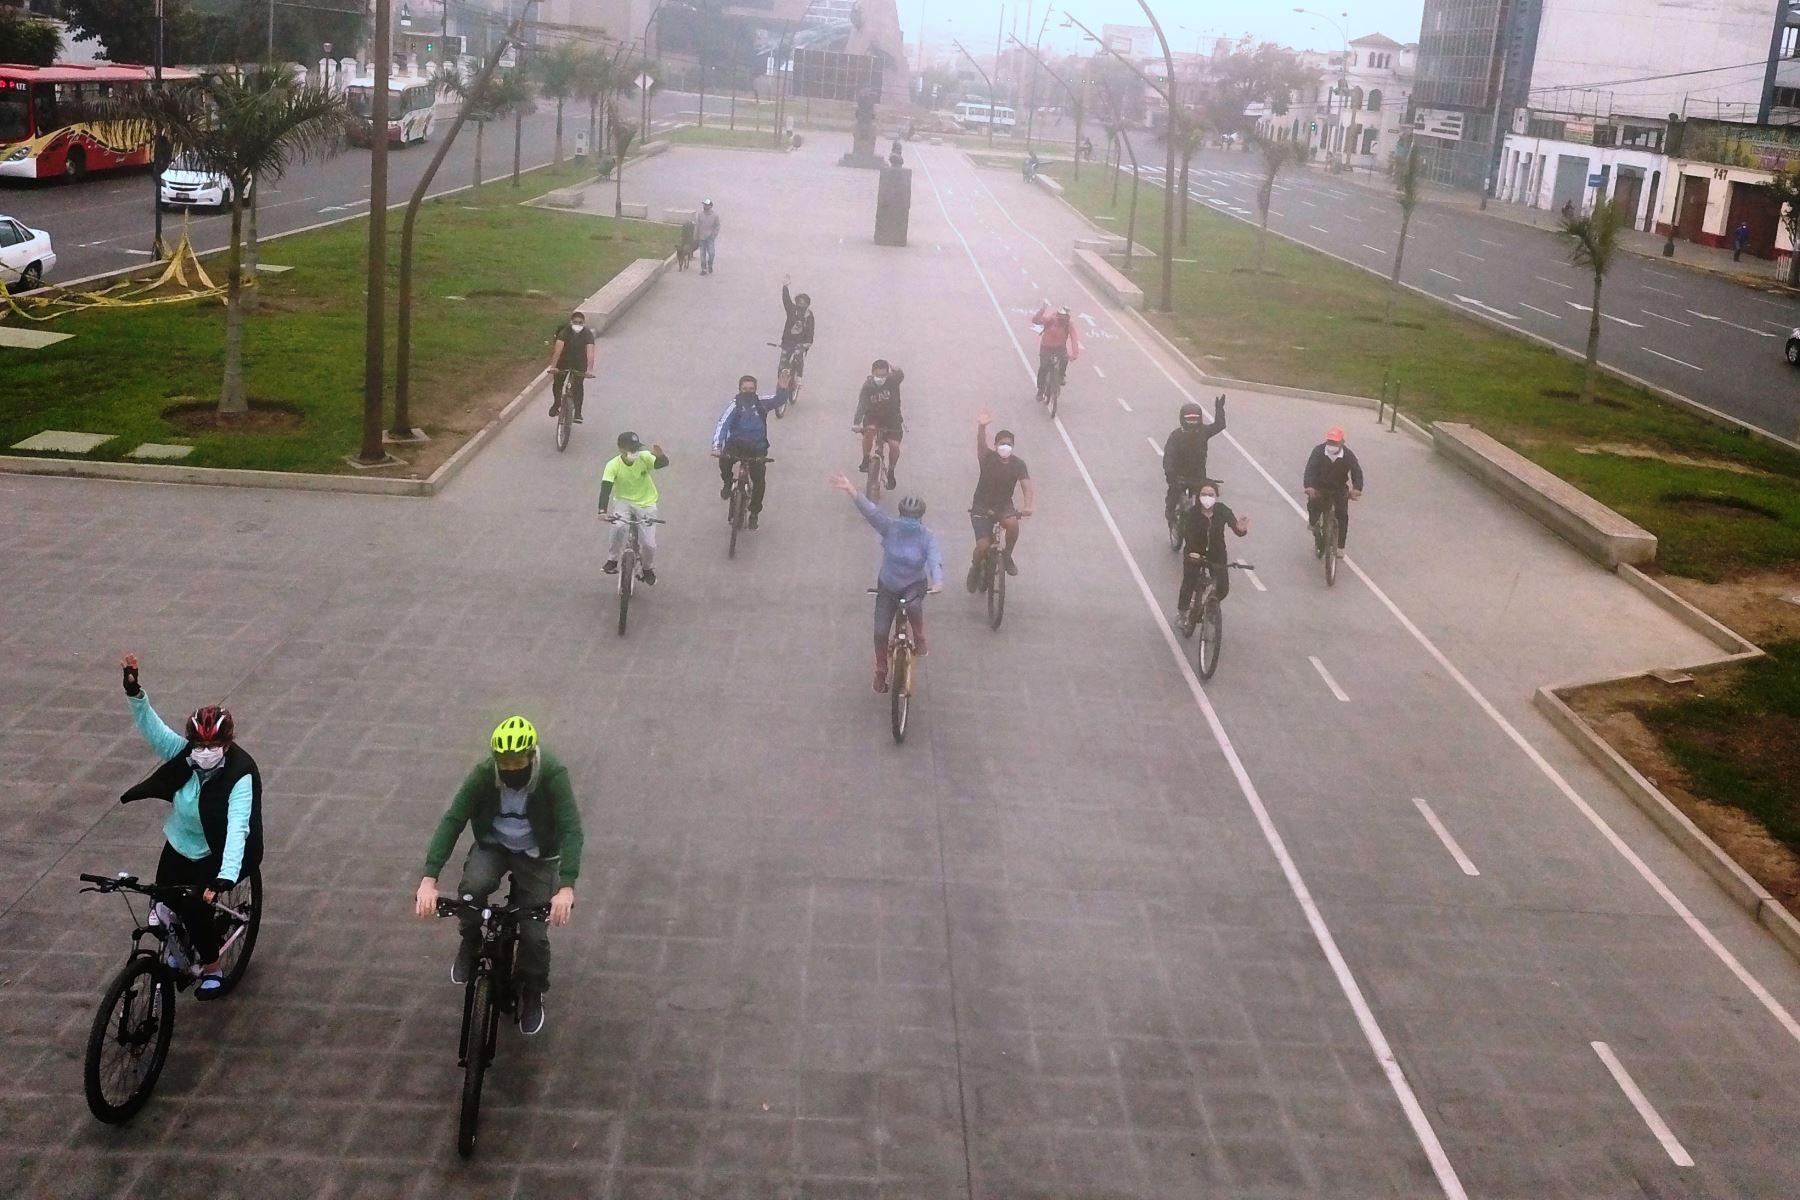 Lima con más caminantes y ciclistas: así se ve el domingo sin autos particulares. Foto: ANDINA/Juan Carlos Guzmán.